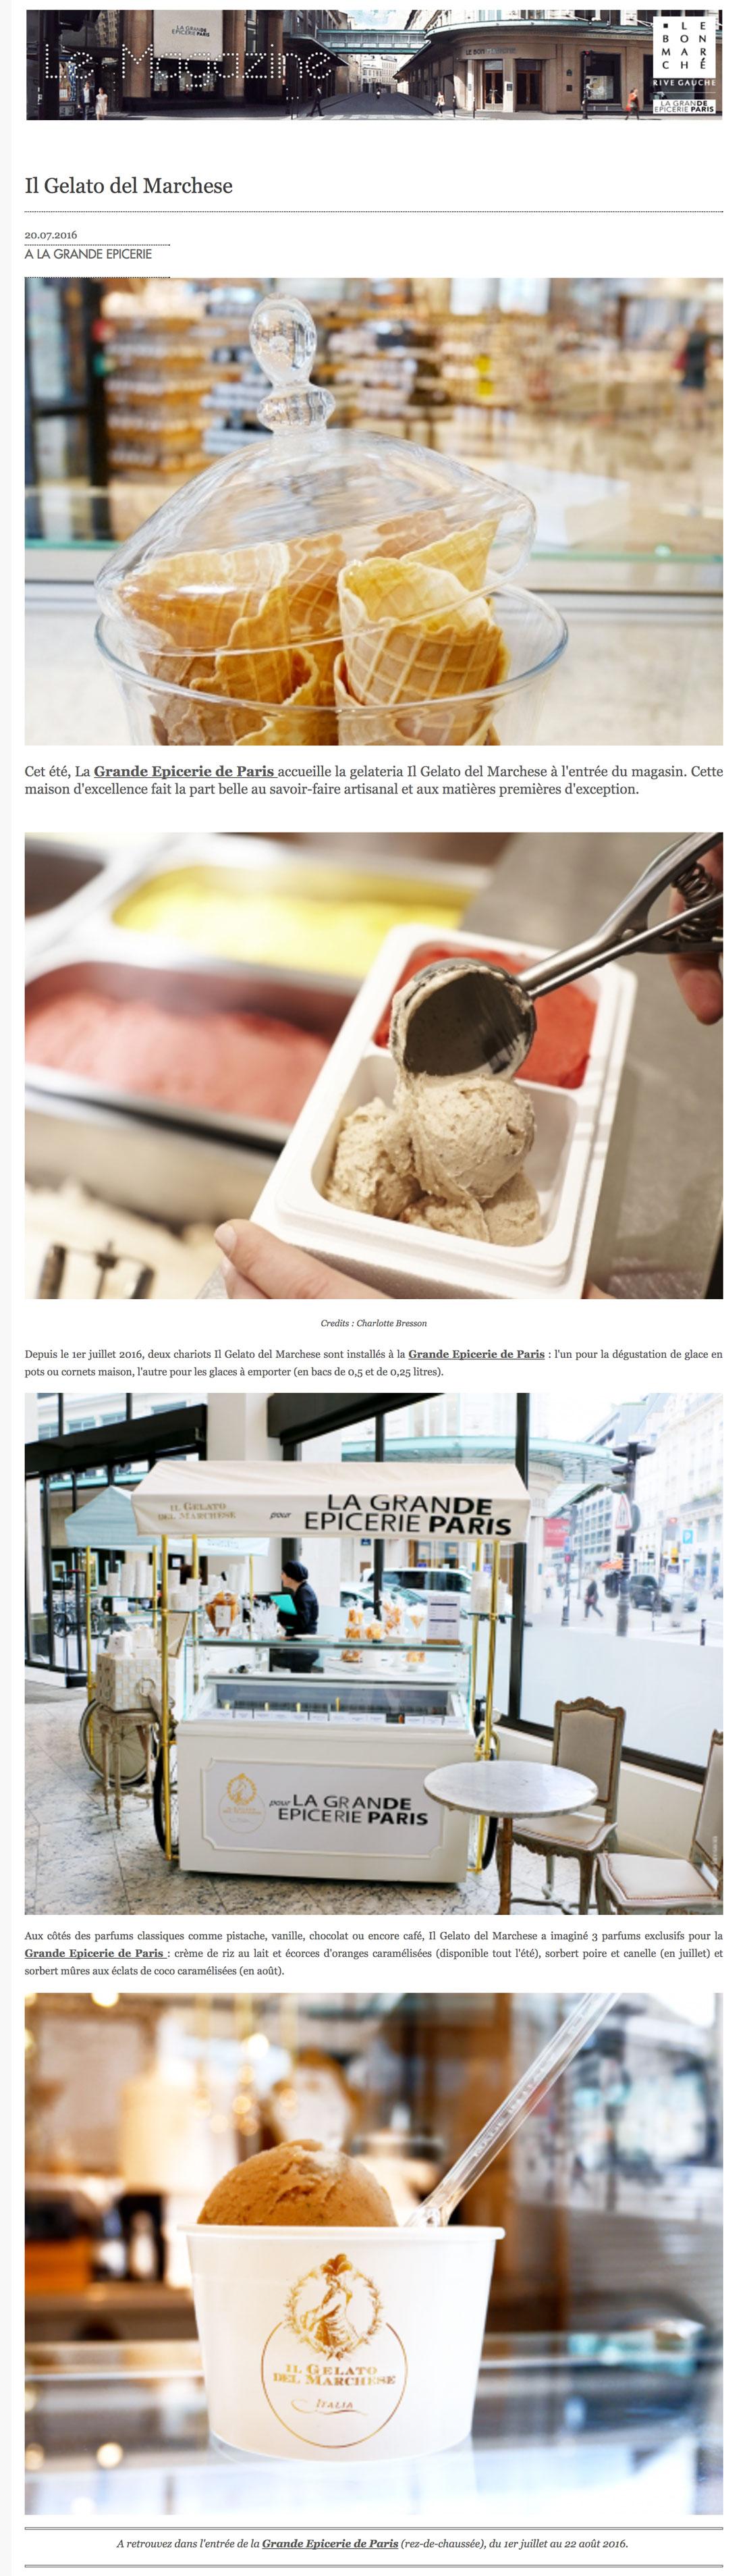 magazine-lebonmarche-il-gelato-del-marchese